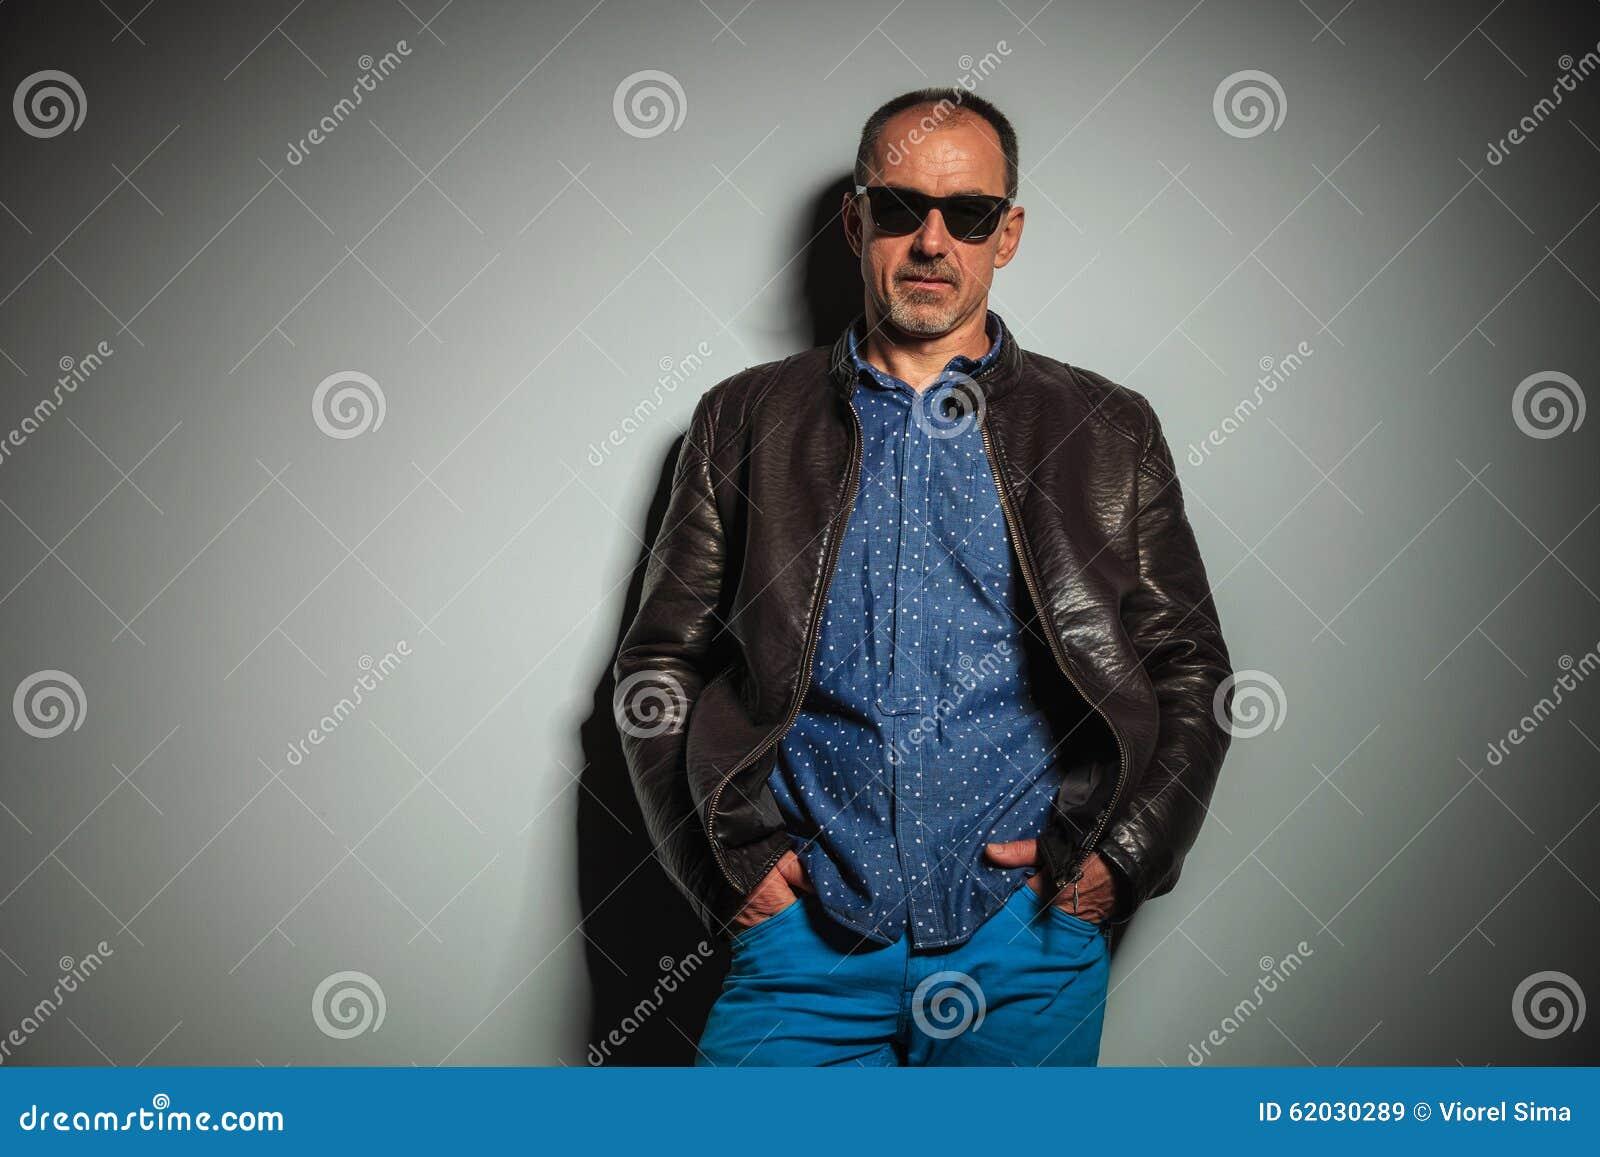 Chaqueta Gafas Cuero Lleva Viejo Que Sol Y Casual Hombre De Del POwPqyZR1